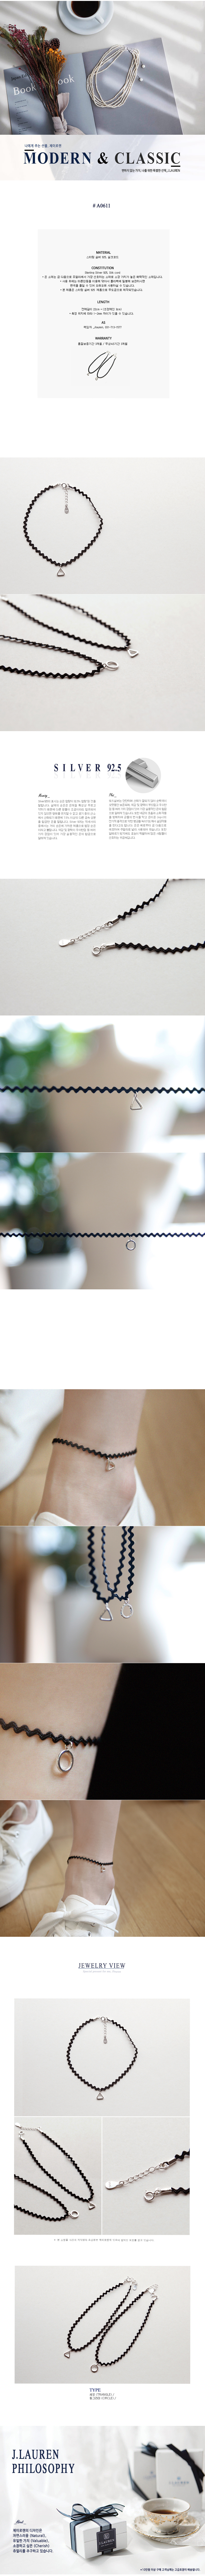 제이로렌 A0611 순은 실버펜던트 지그재그 매듭실발찌 - 바이데이지, 15,000원, 발찌, 패션발찌